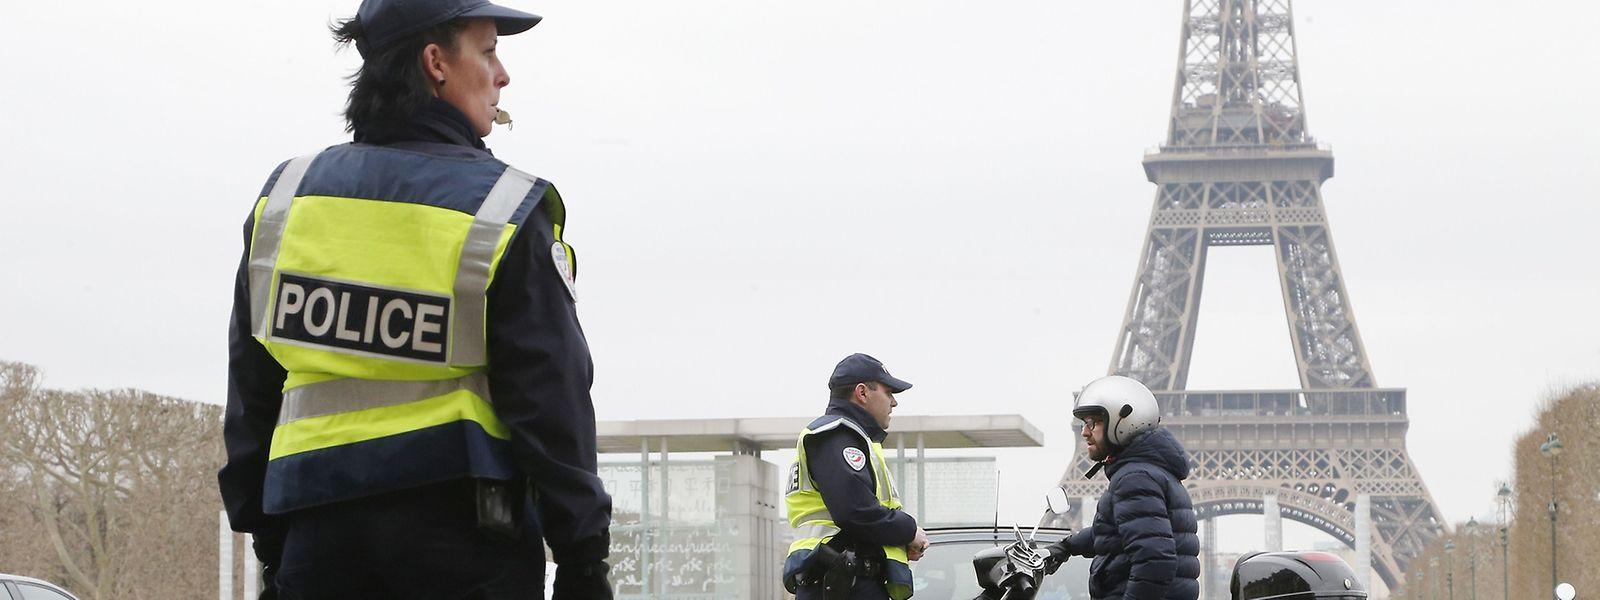 Innenminister Bernard Cazeneuve sprach von einer Anti-Terror-Aktion.